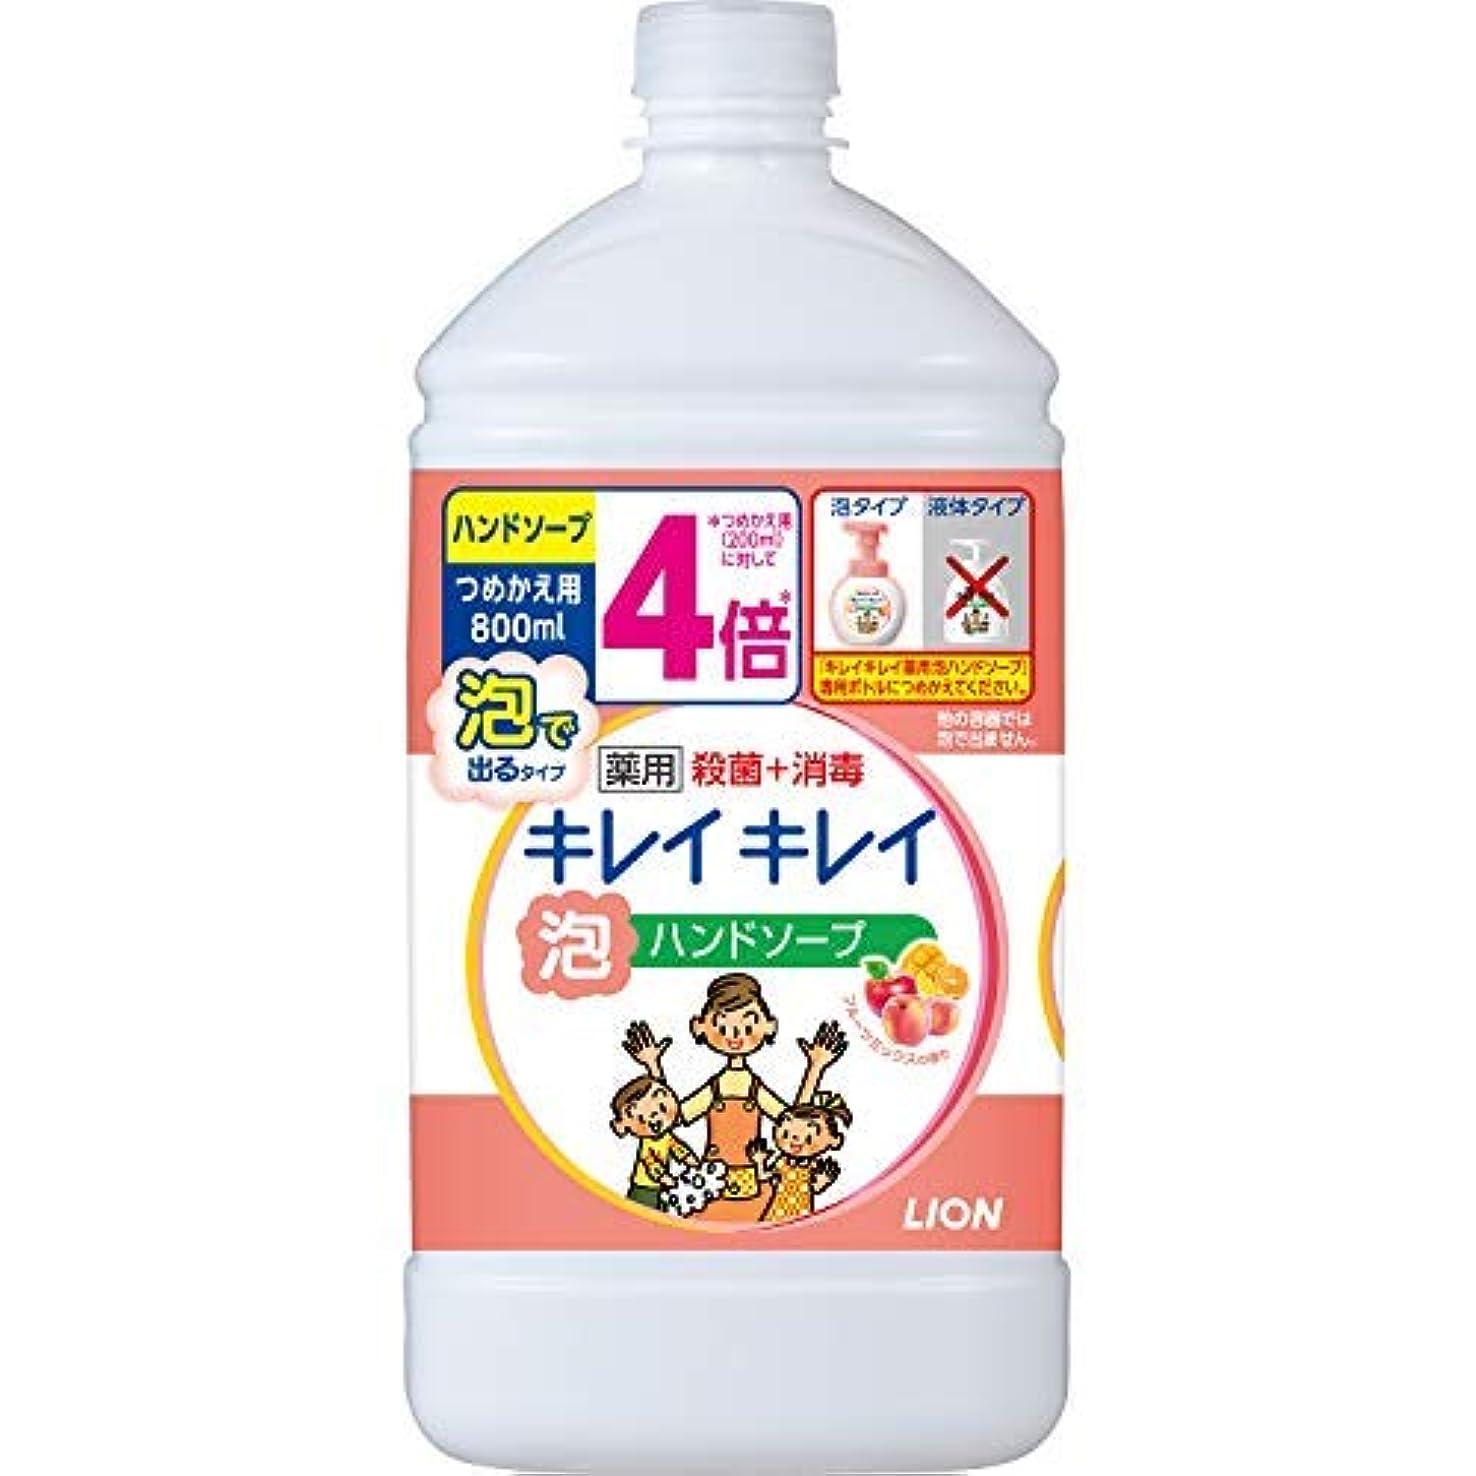 キレイキレイ 薬用泡ハンドソープ つめかえ用特大サイズ フルーツミックス × 6個セット